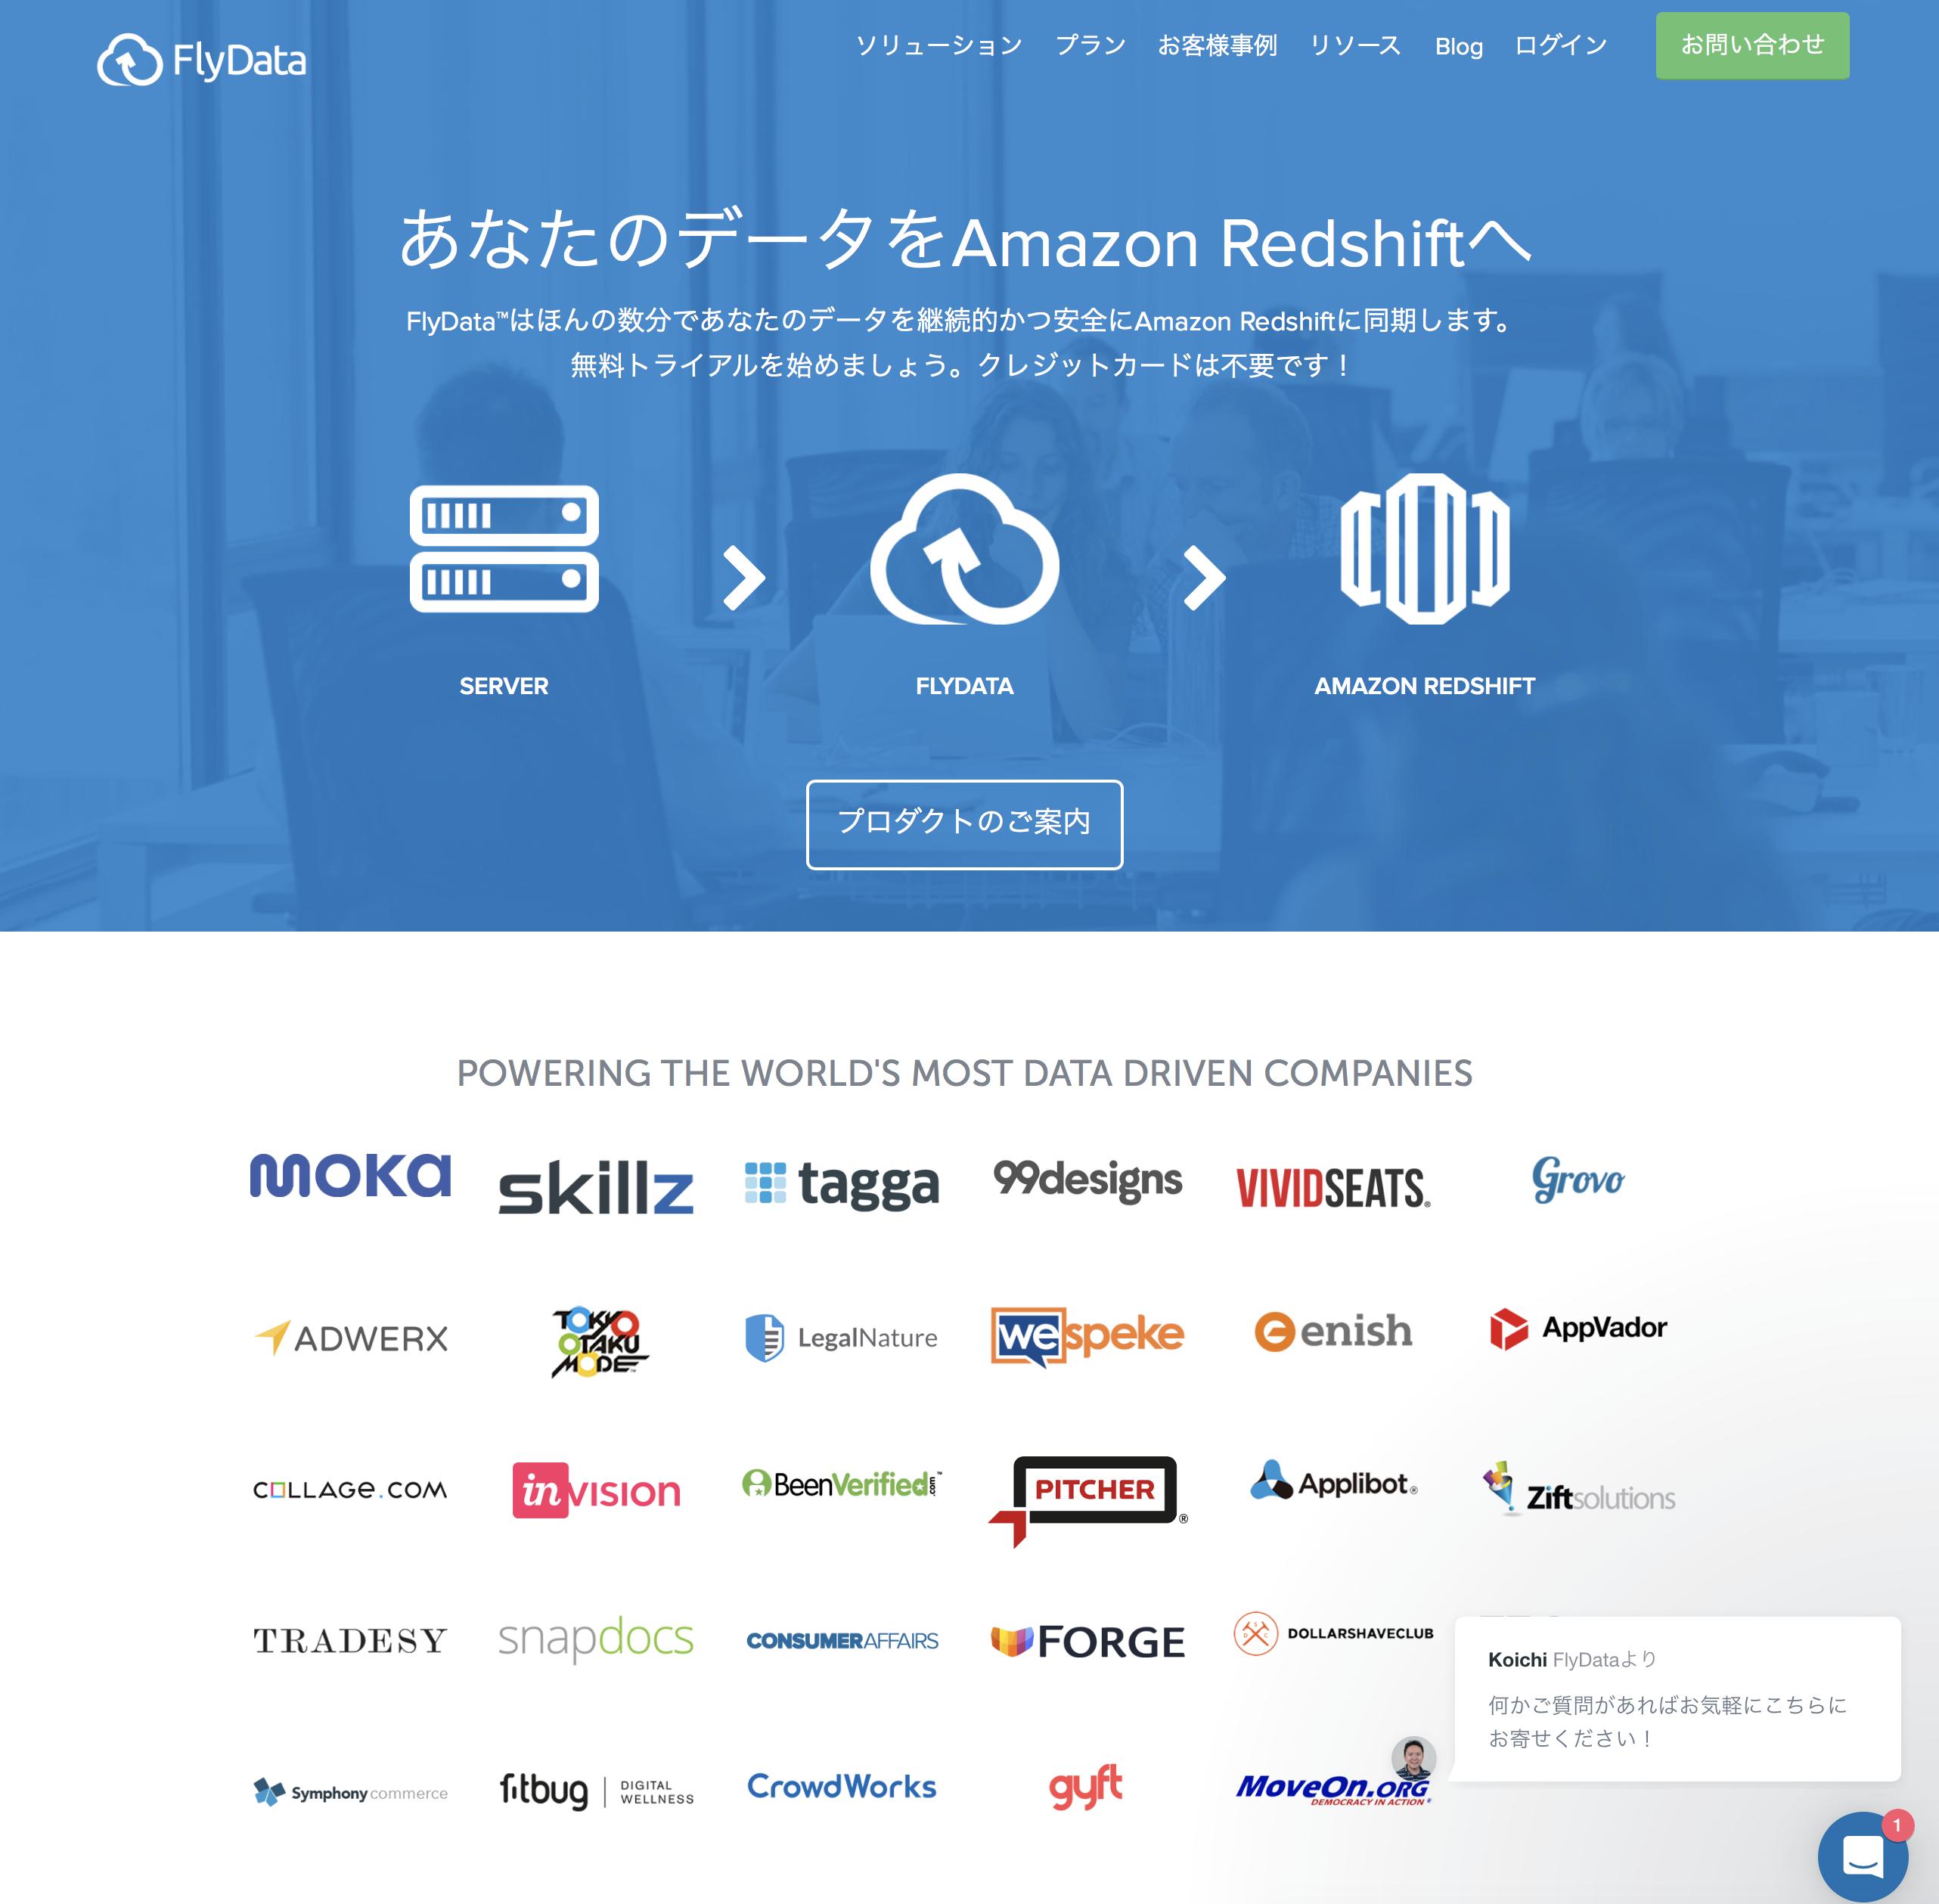 FlyData株式会社(FlyData Inc.)